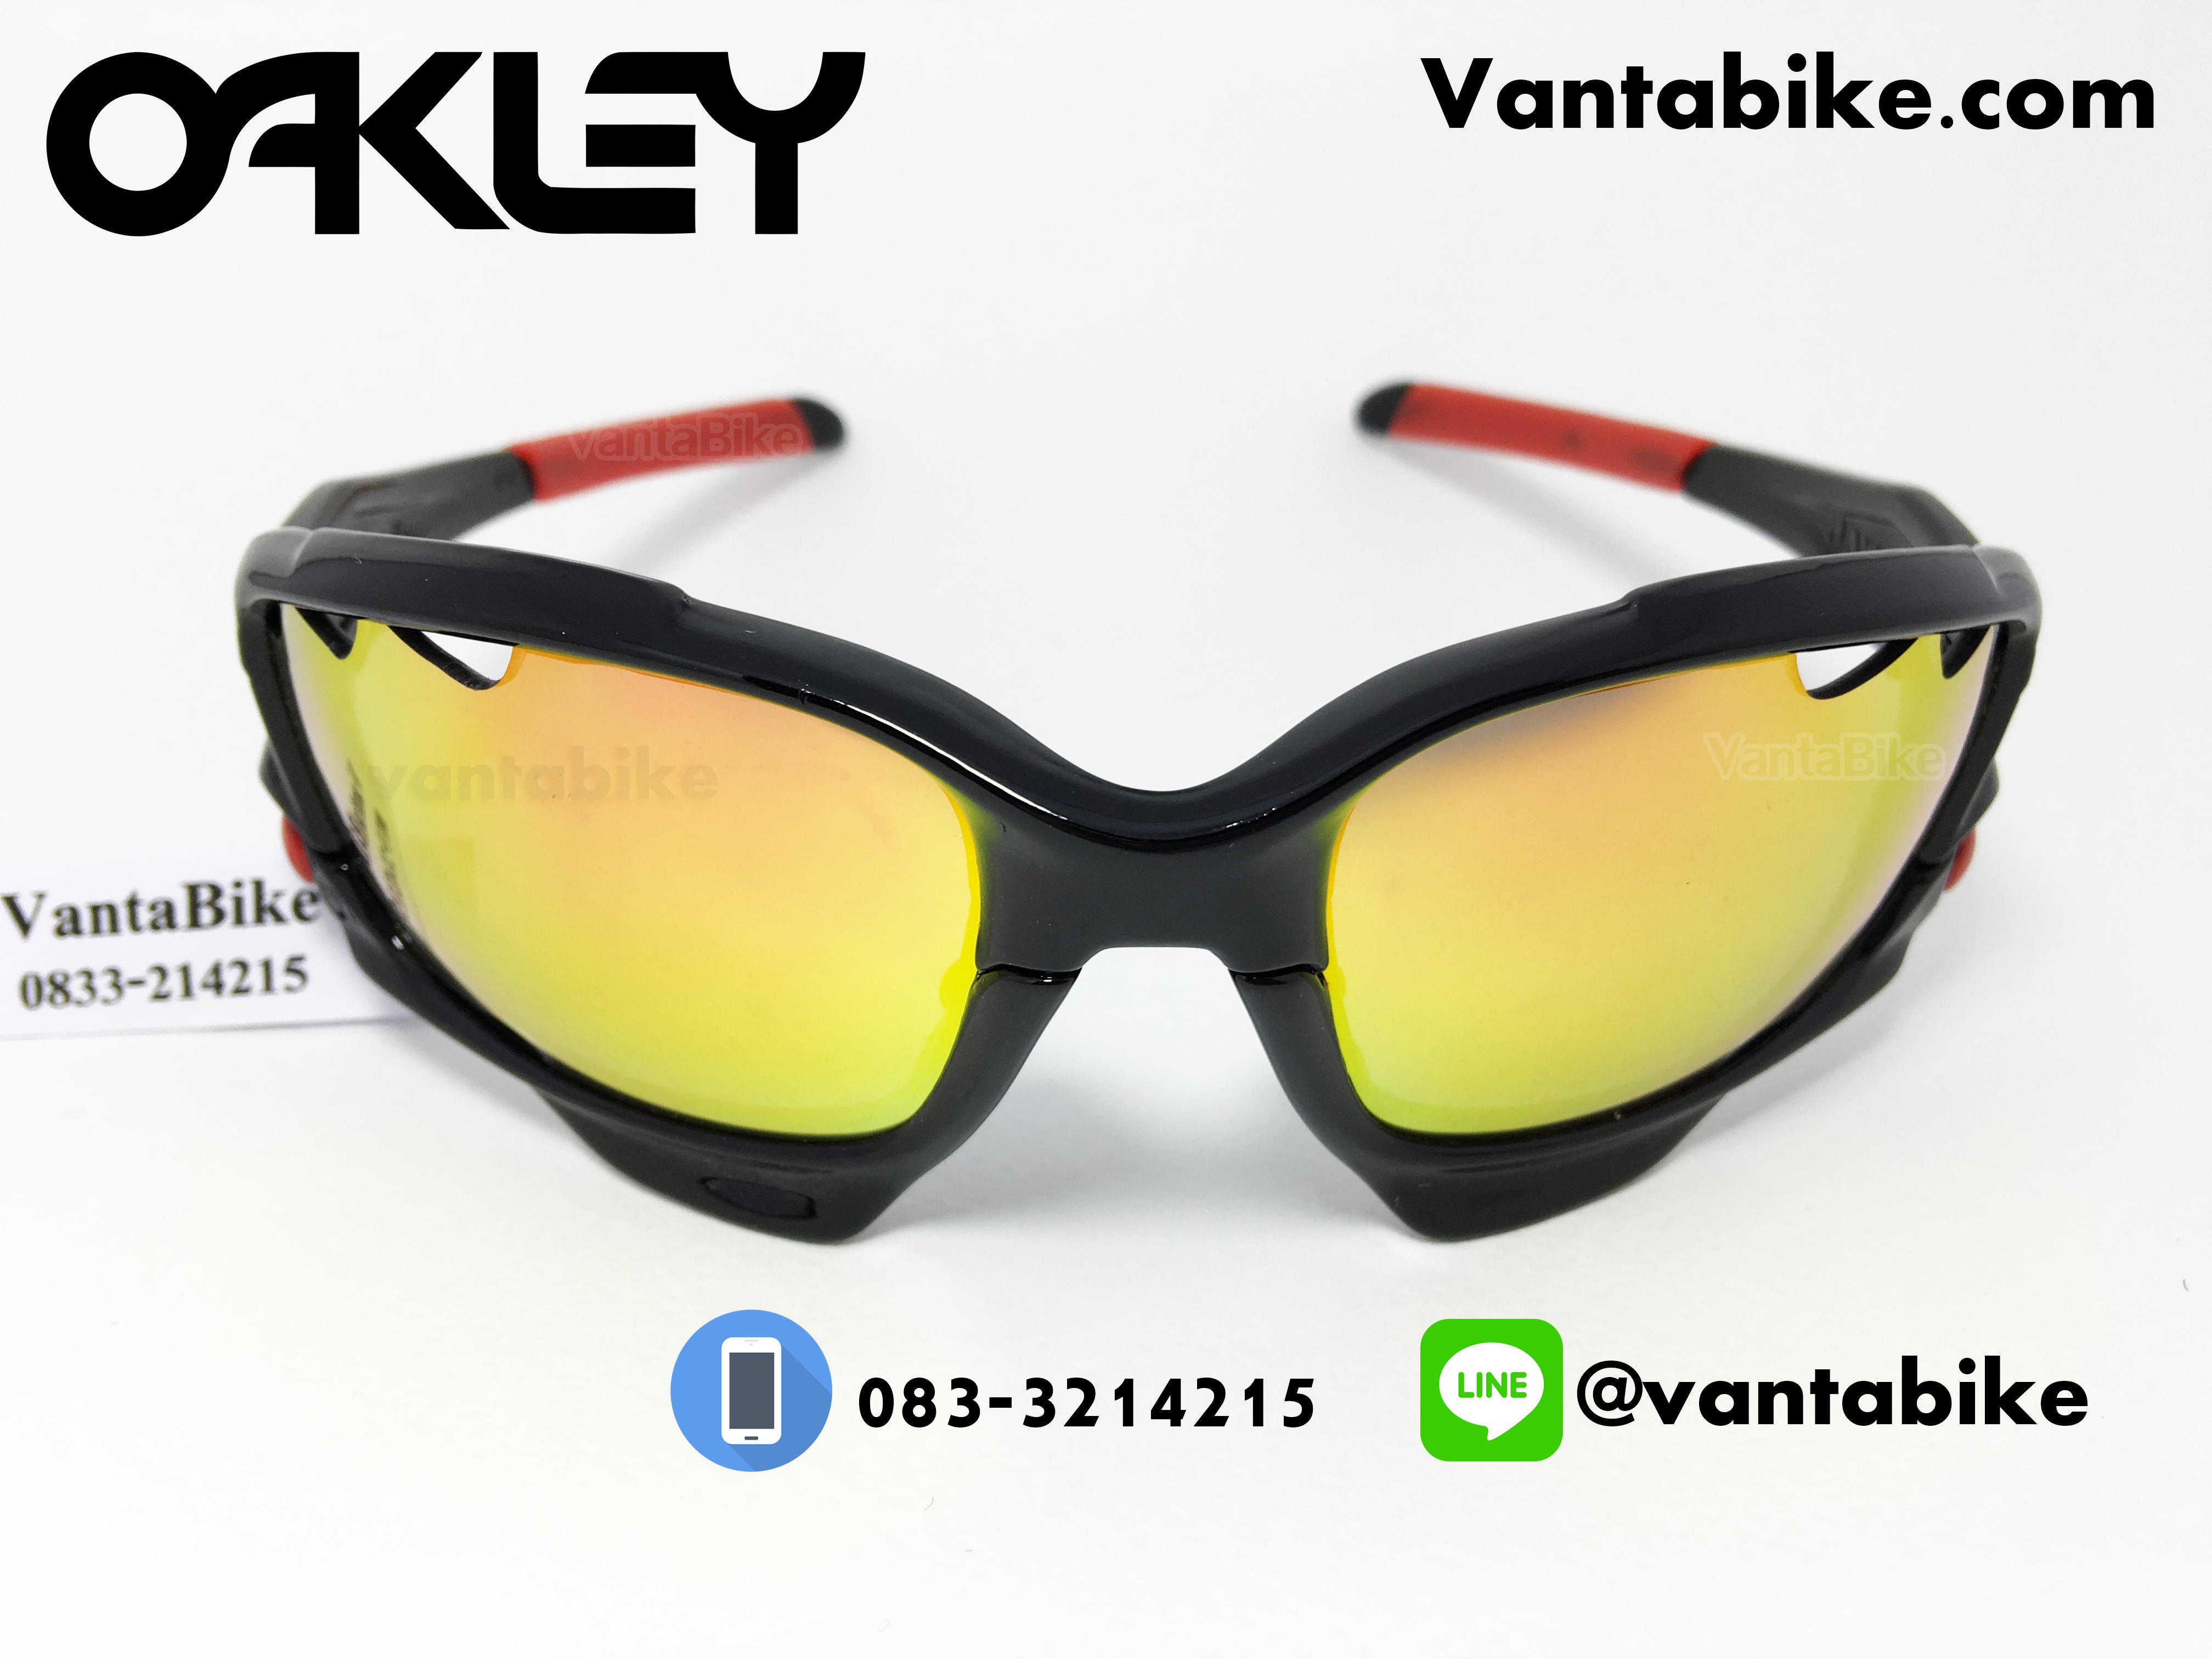 แว่นตาปั่นจักรยาน Oakley Jawbone รุ่นใหม่